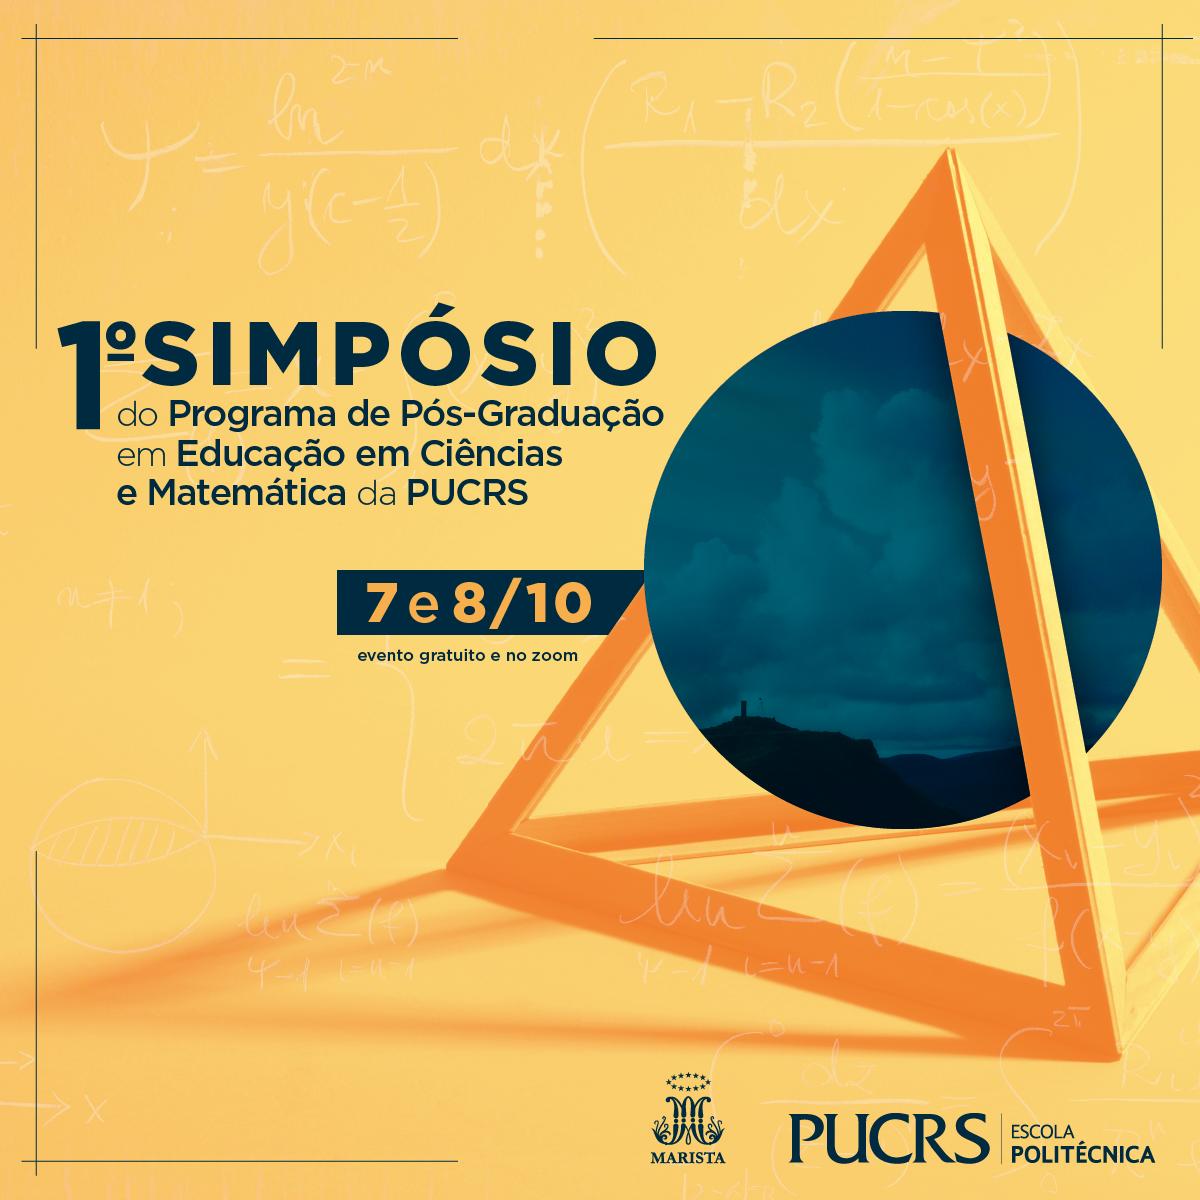 1º Simpósio do Programa de Pós-Graduação em Educação em Ciências e Matemática da PUCRS